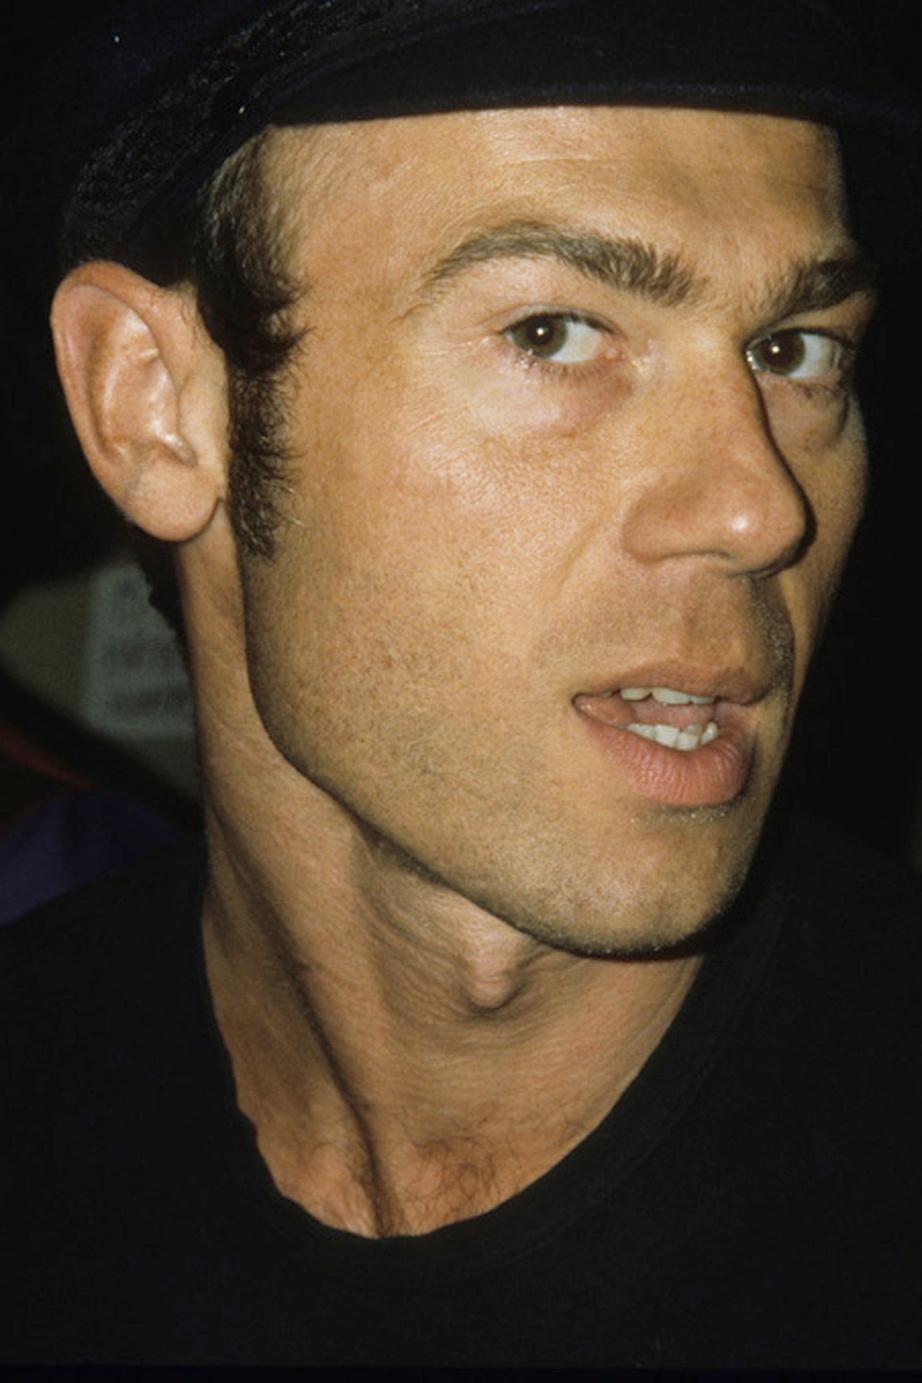 Jedna od rijetkih fotografija Martina Margiele / cca 1997.